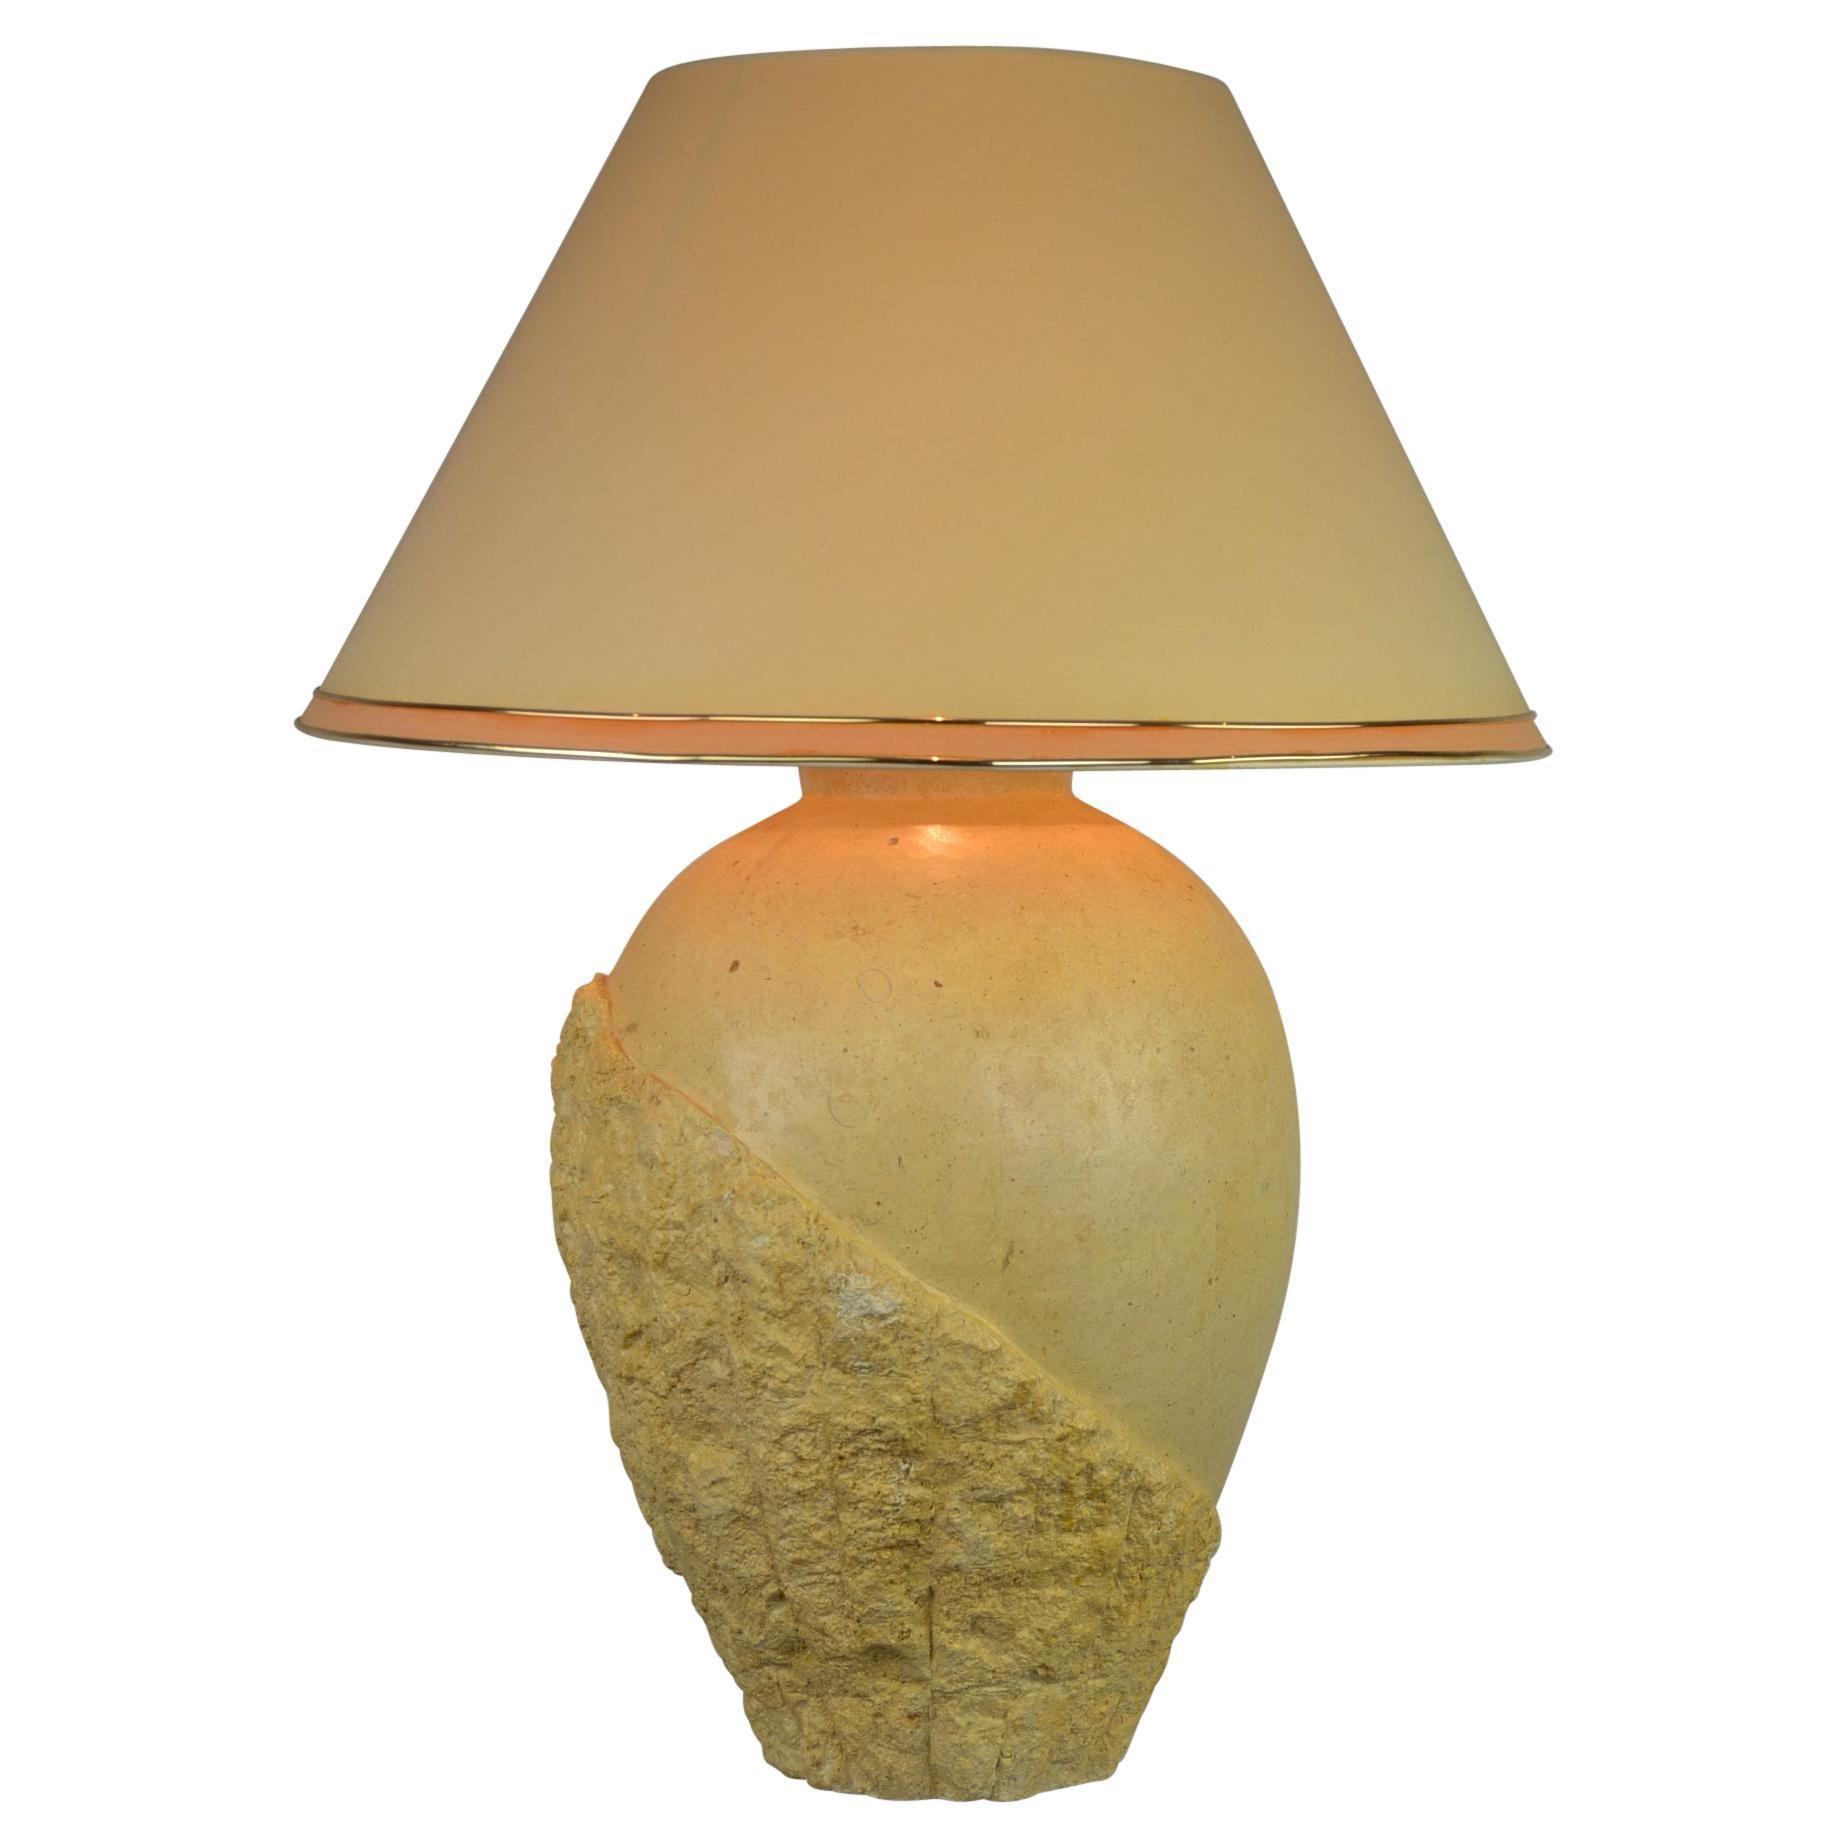 1980s Mactan Stone Table Lamp